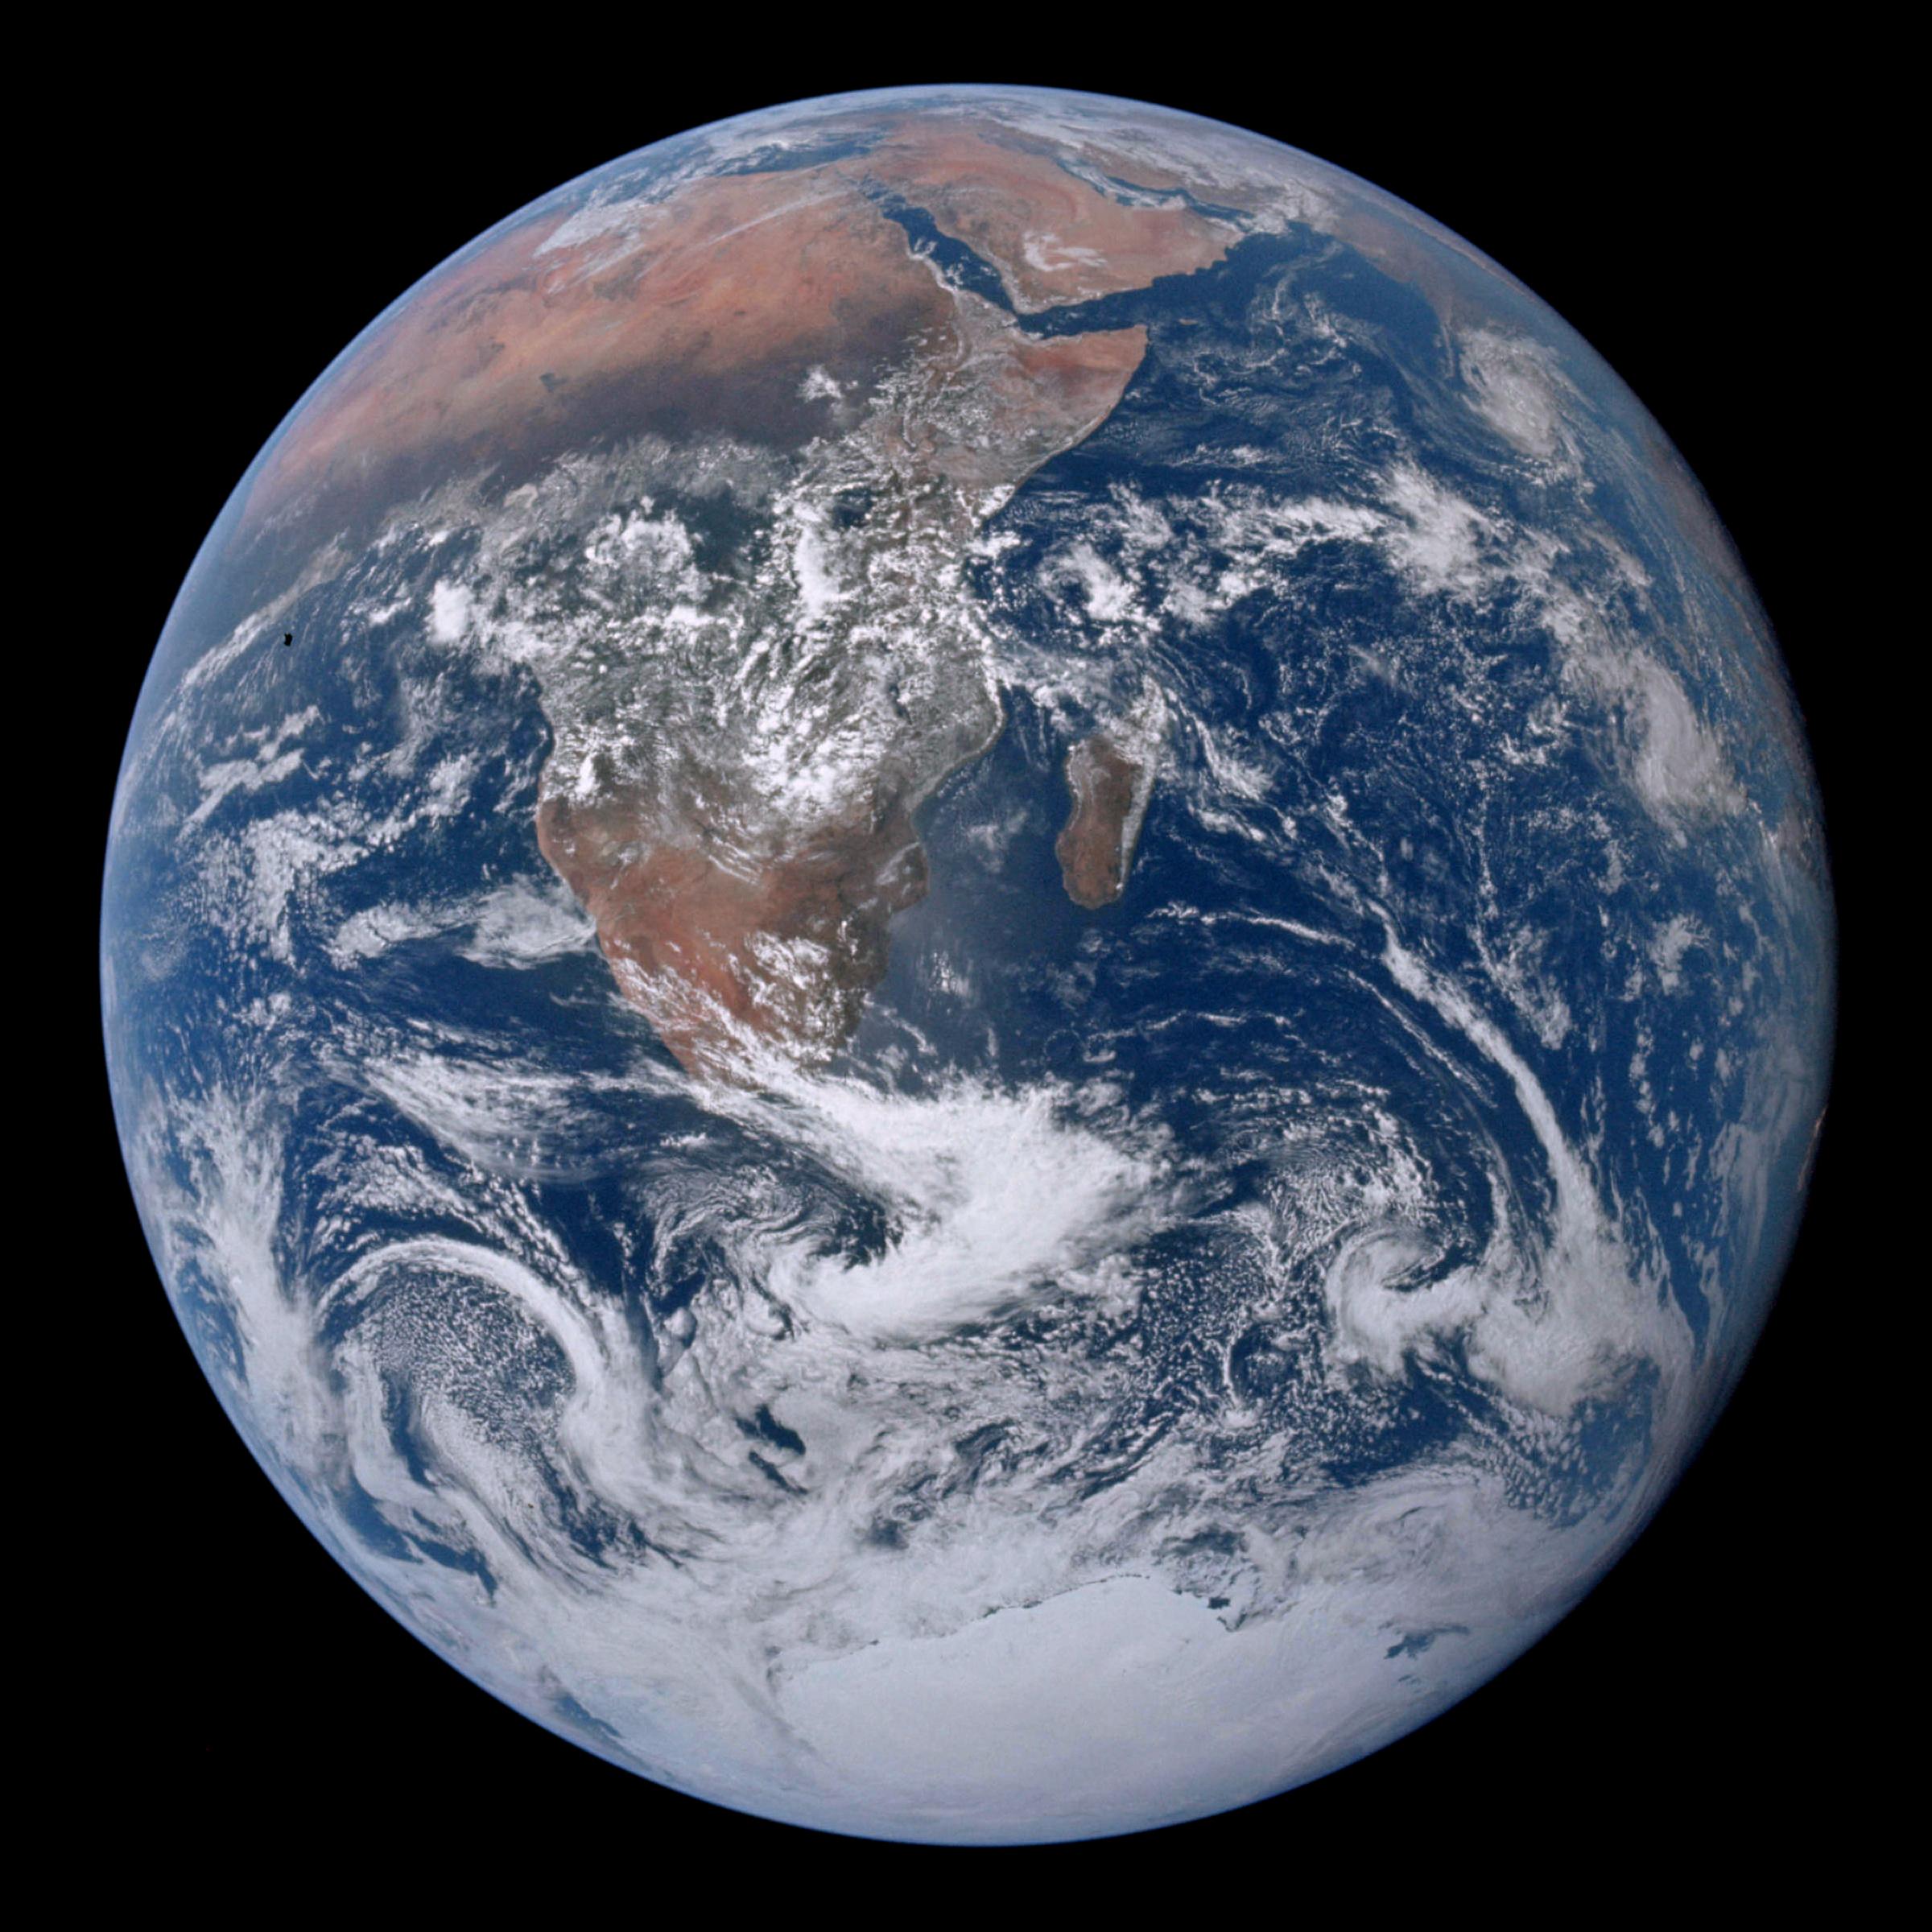 La Terre vue depuis Apollo 17 en 1972 - Wikimedia Commons - «La bille bleue» : Photo de l'Afrique, de l'Antarctique et de la péninsule Arabique prise en route pour la lune par Harrison Schmitt ou Ron Evans lors de la mission Apollo 17 le 7 décembre 1972 - NASA JSC